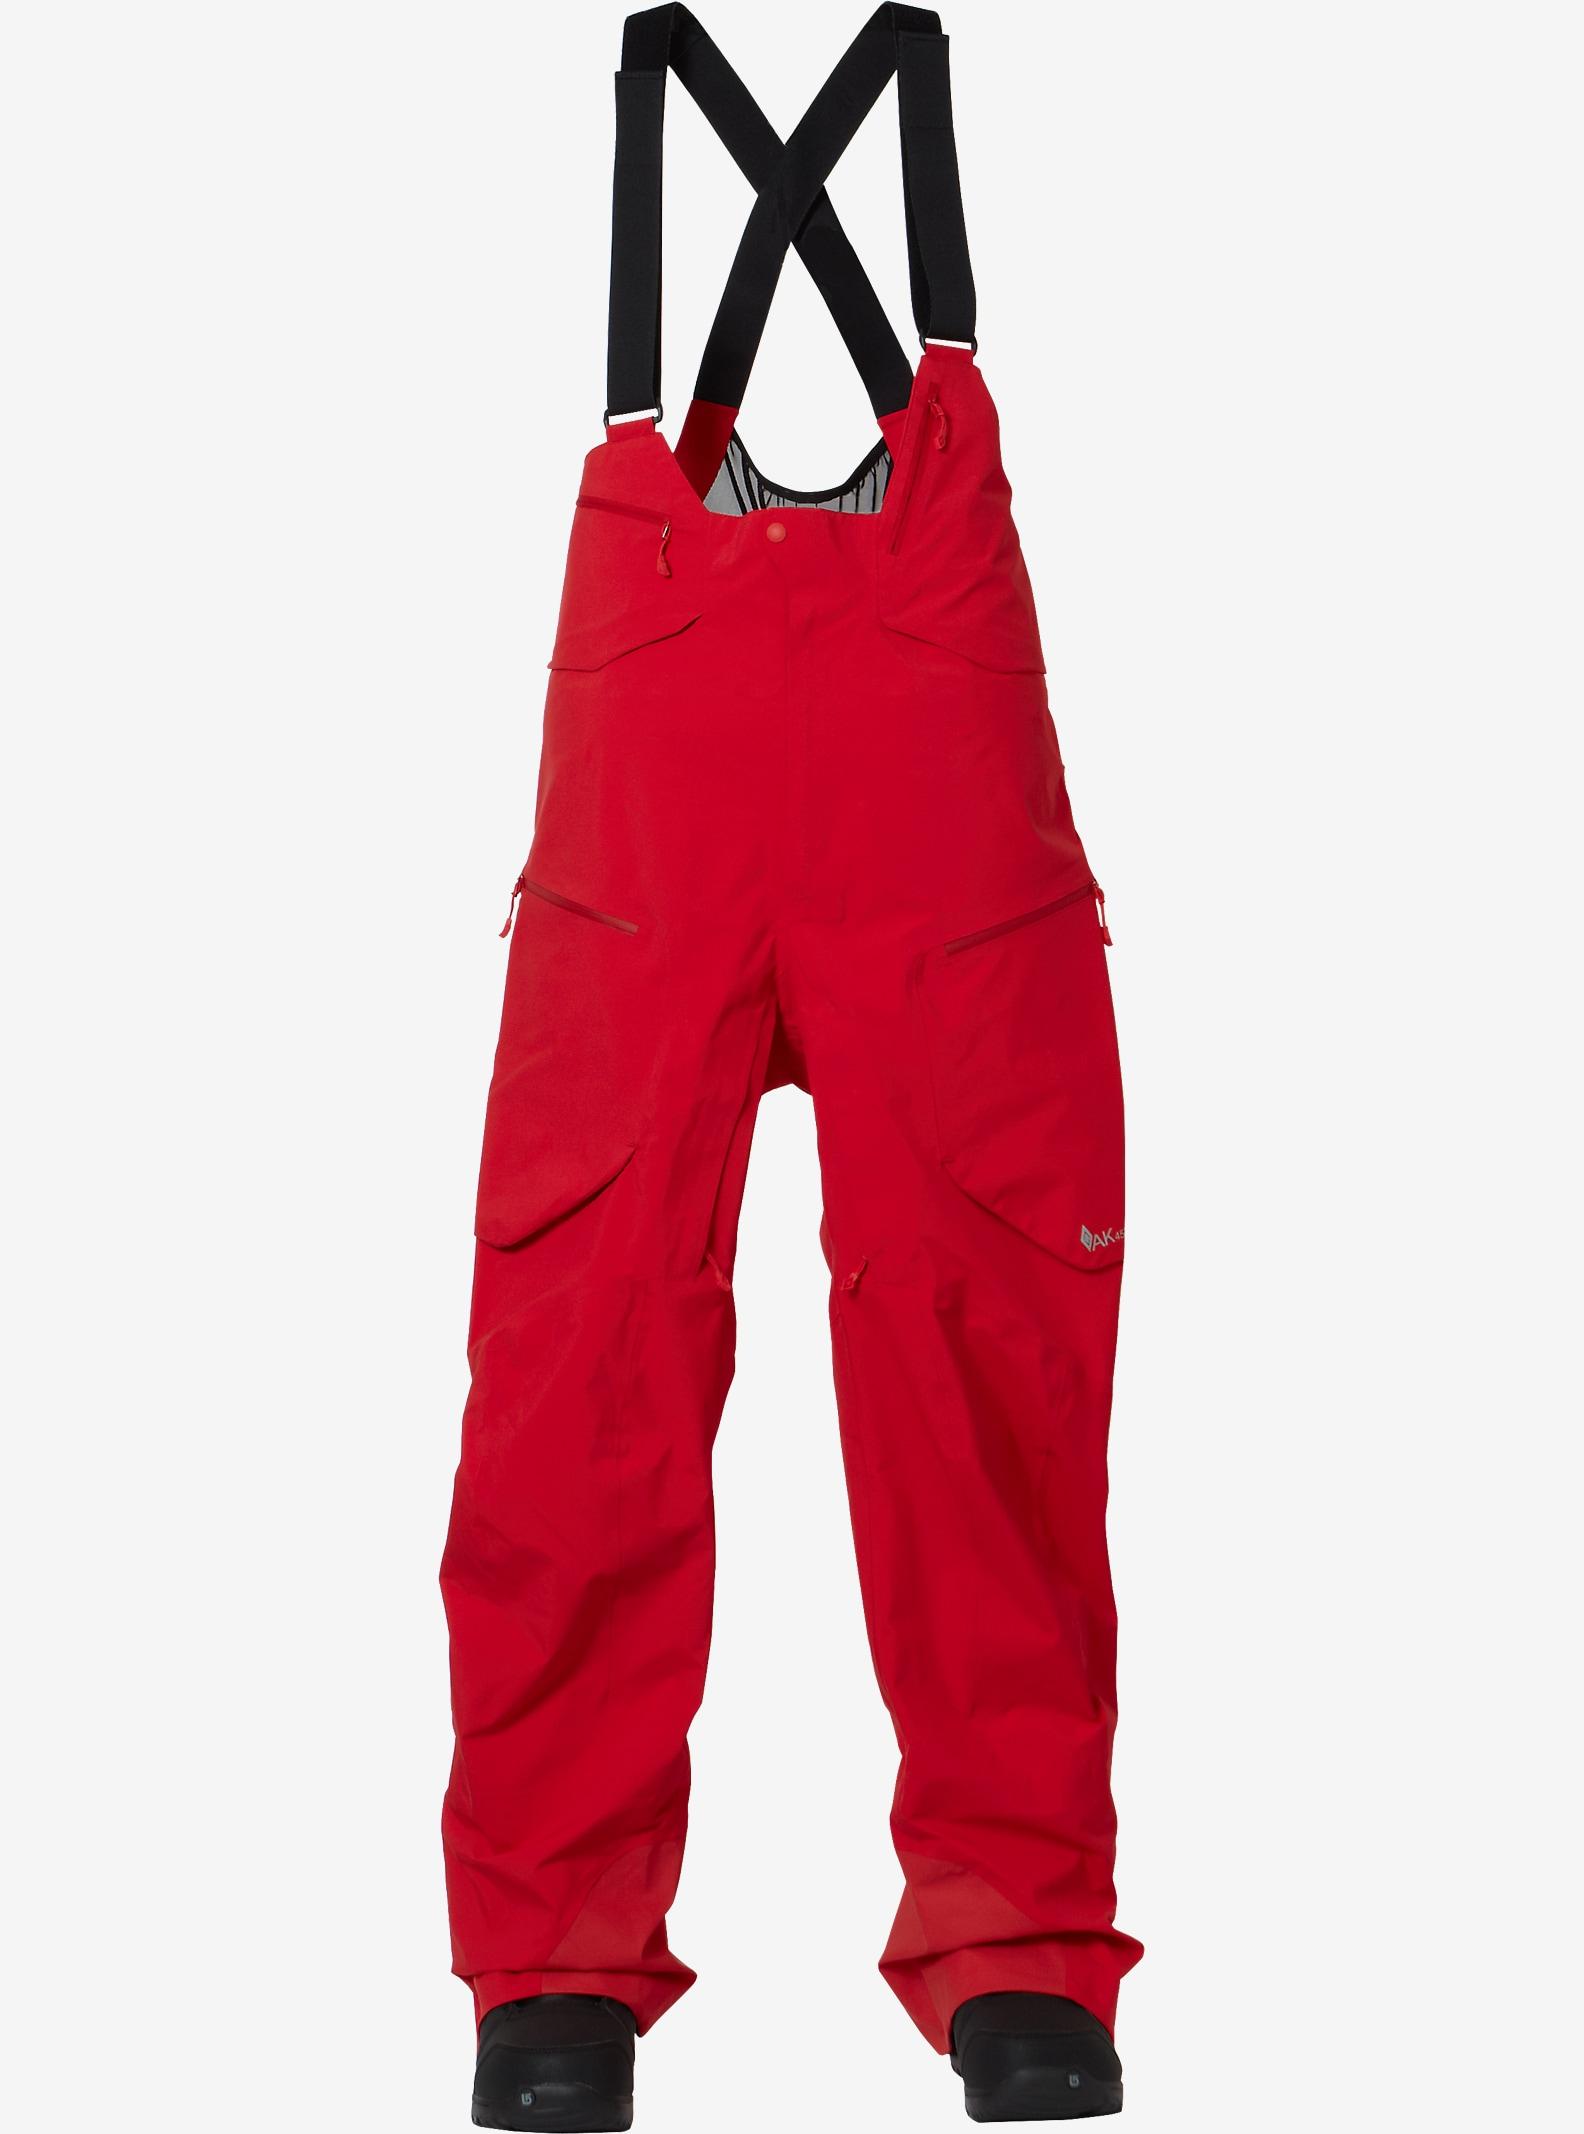 Burton AK457 Hi-Top Pant shown in Red